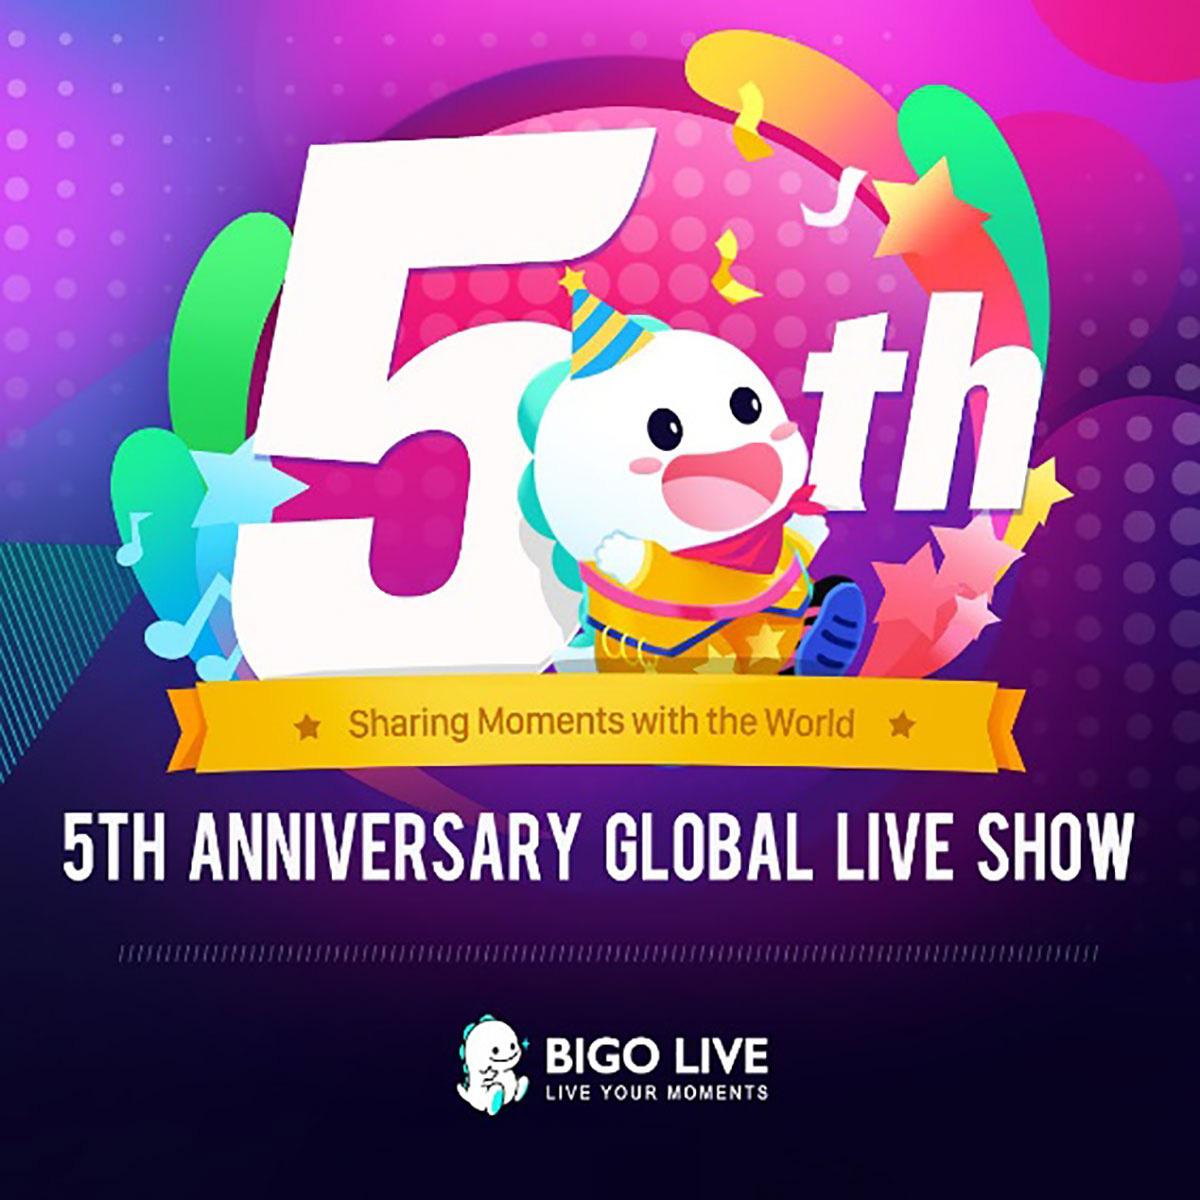 Bigo Live kỷ niệm 5 năm phát triển tại thị trường Việt Nam - Ảnh 1.